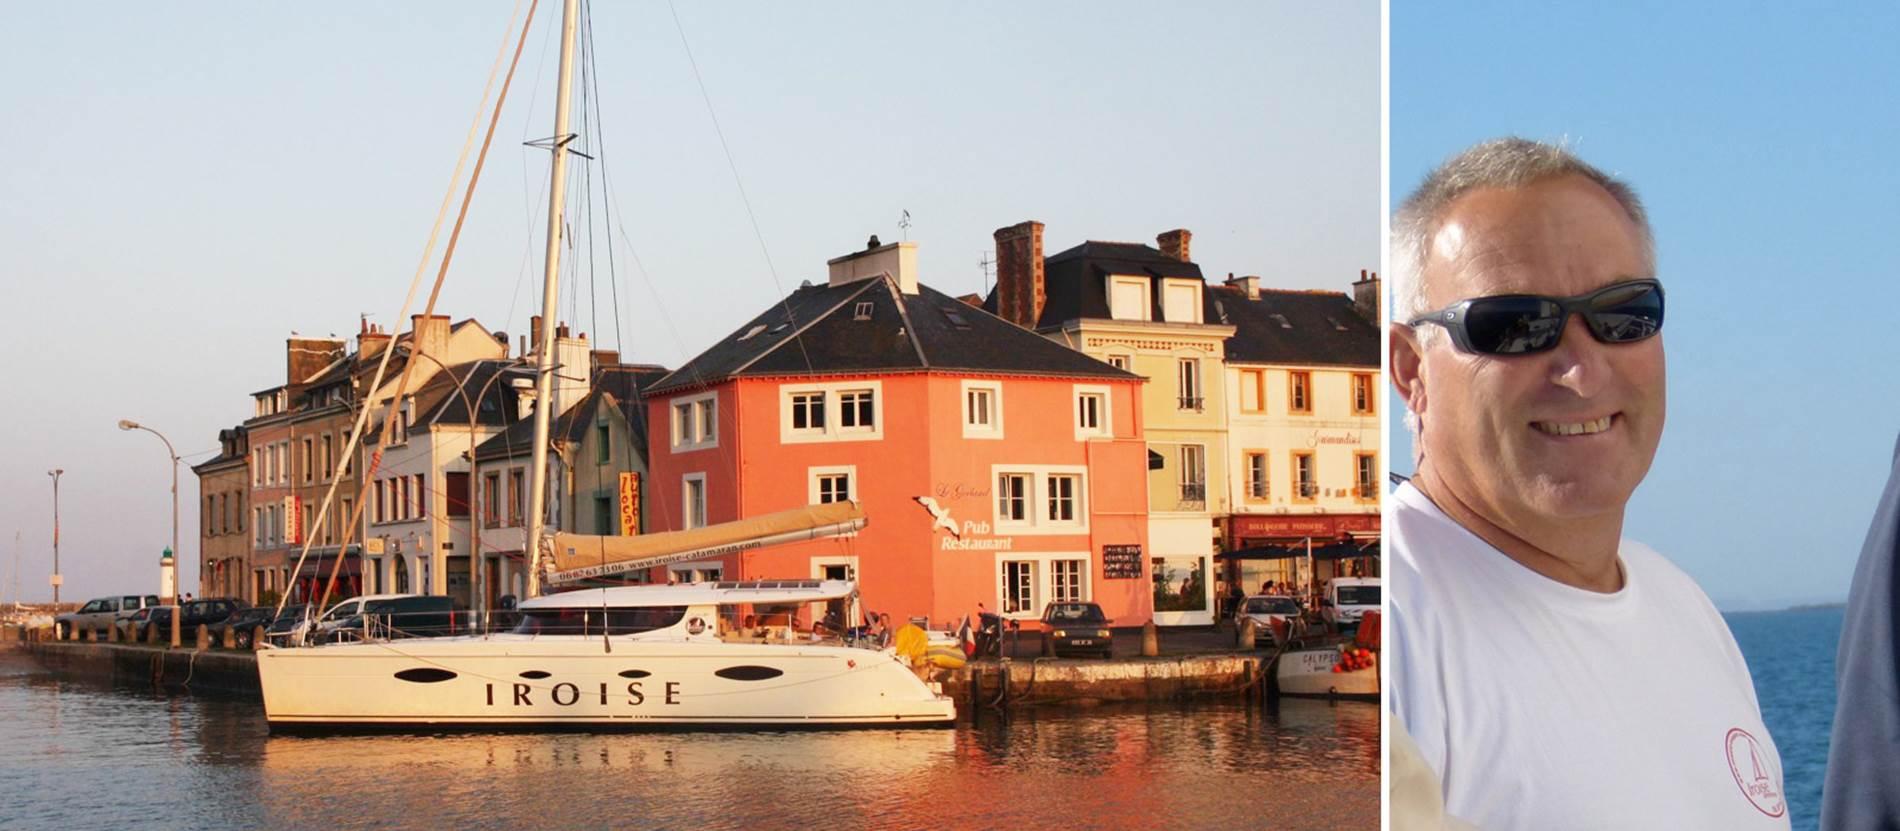 Iroise Catamaran1 © Iroise Catamaran